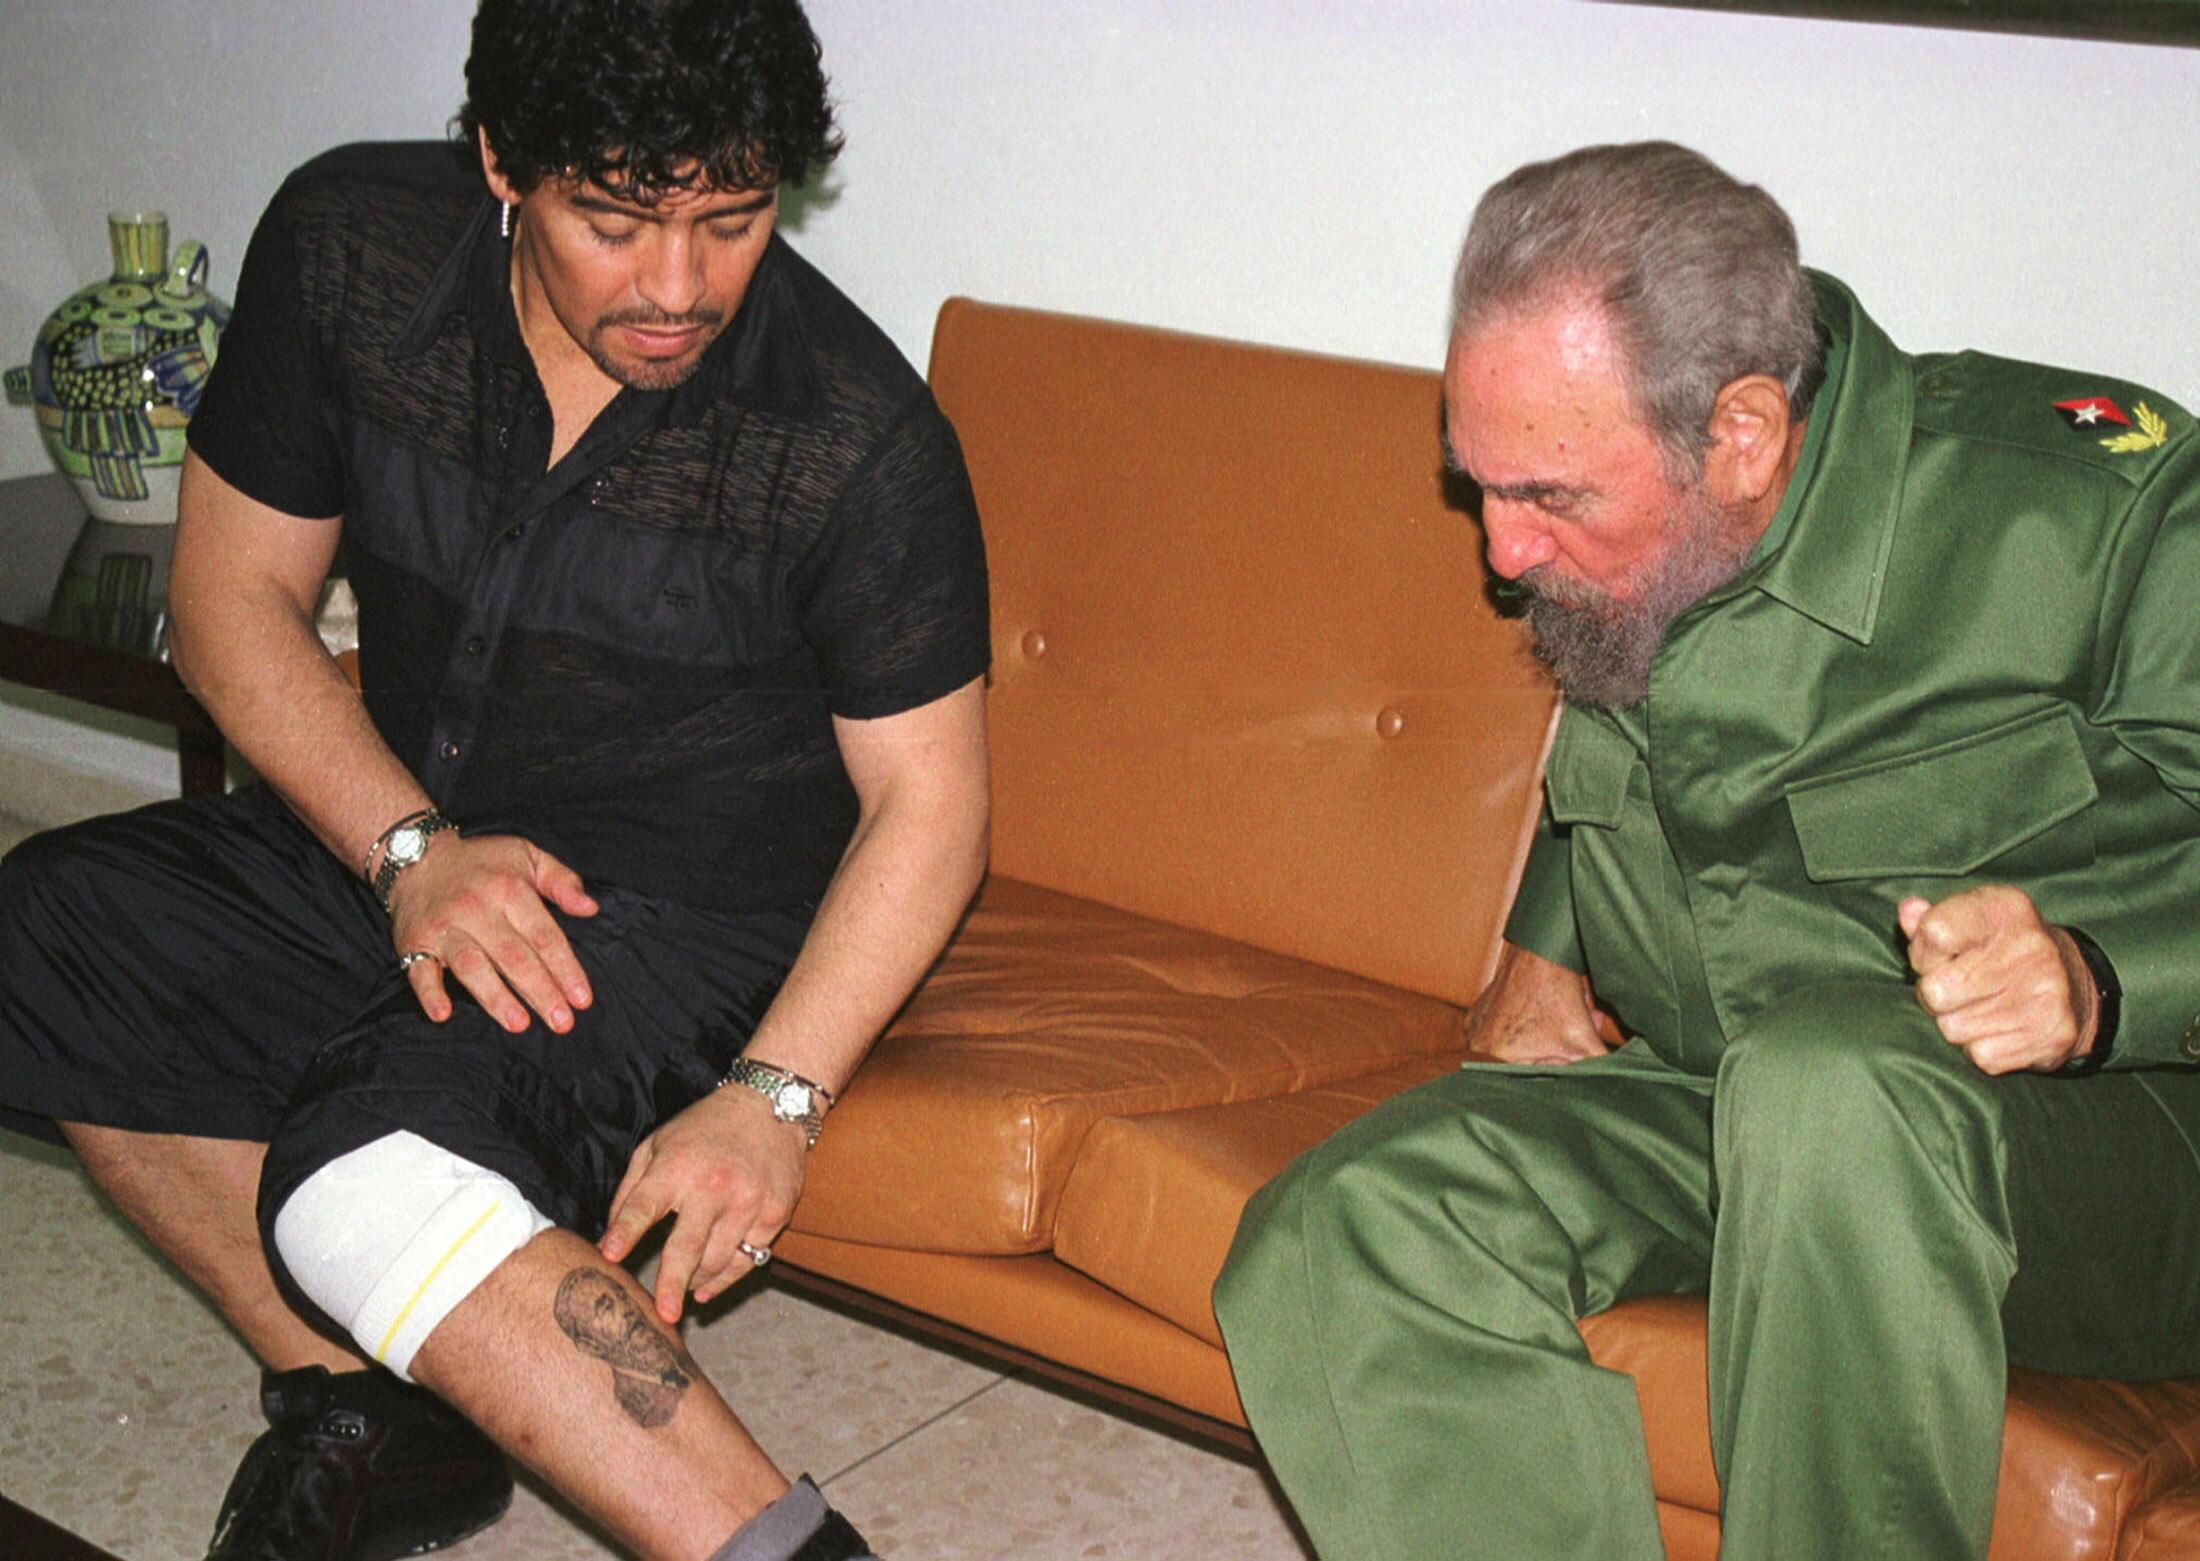 FOTO DE ARQUIVO: A lenda do futebol argentino Diego Maradona, então em Cuba em reabilitação por uso de cocaína, mostra ao presidente cubano Fidel Castro uma tatuagem dele na perna, dentro do Palácio da Revolução em Havana, nesta foto de arquivo de 29 de outubro de 2001.